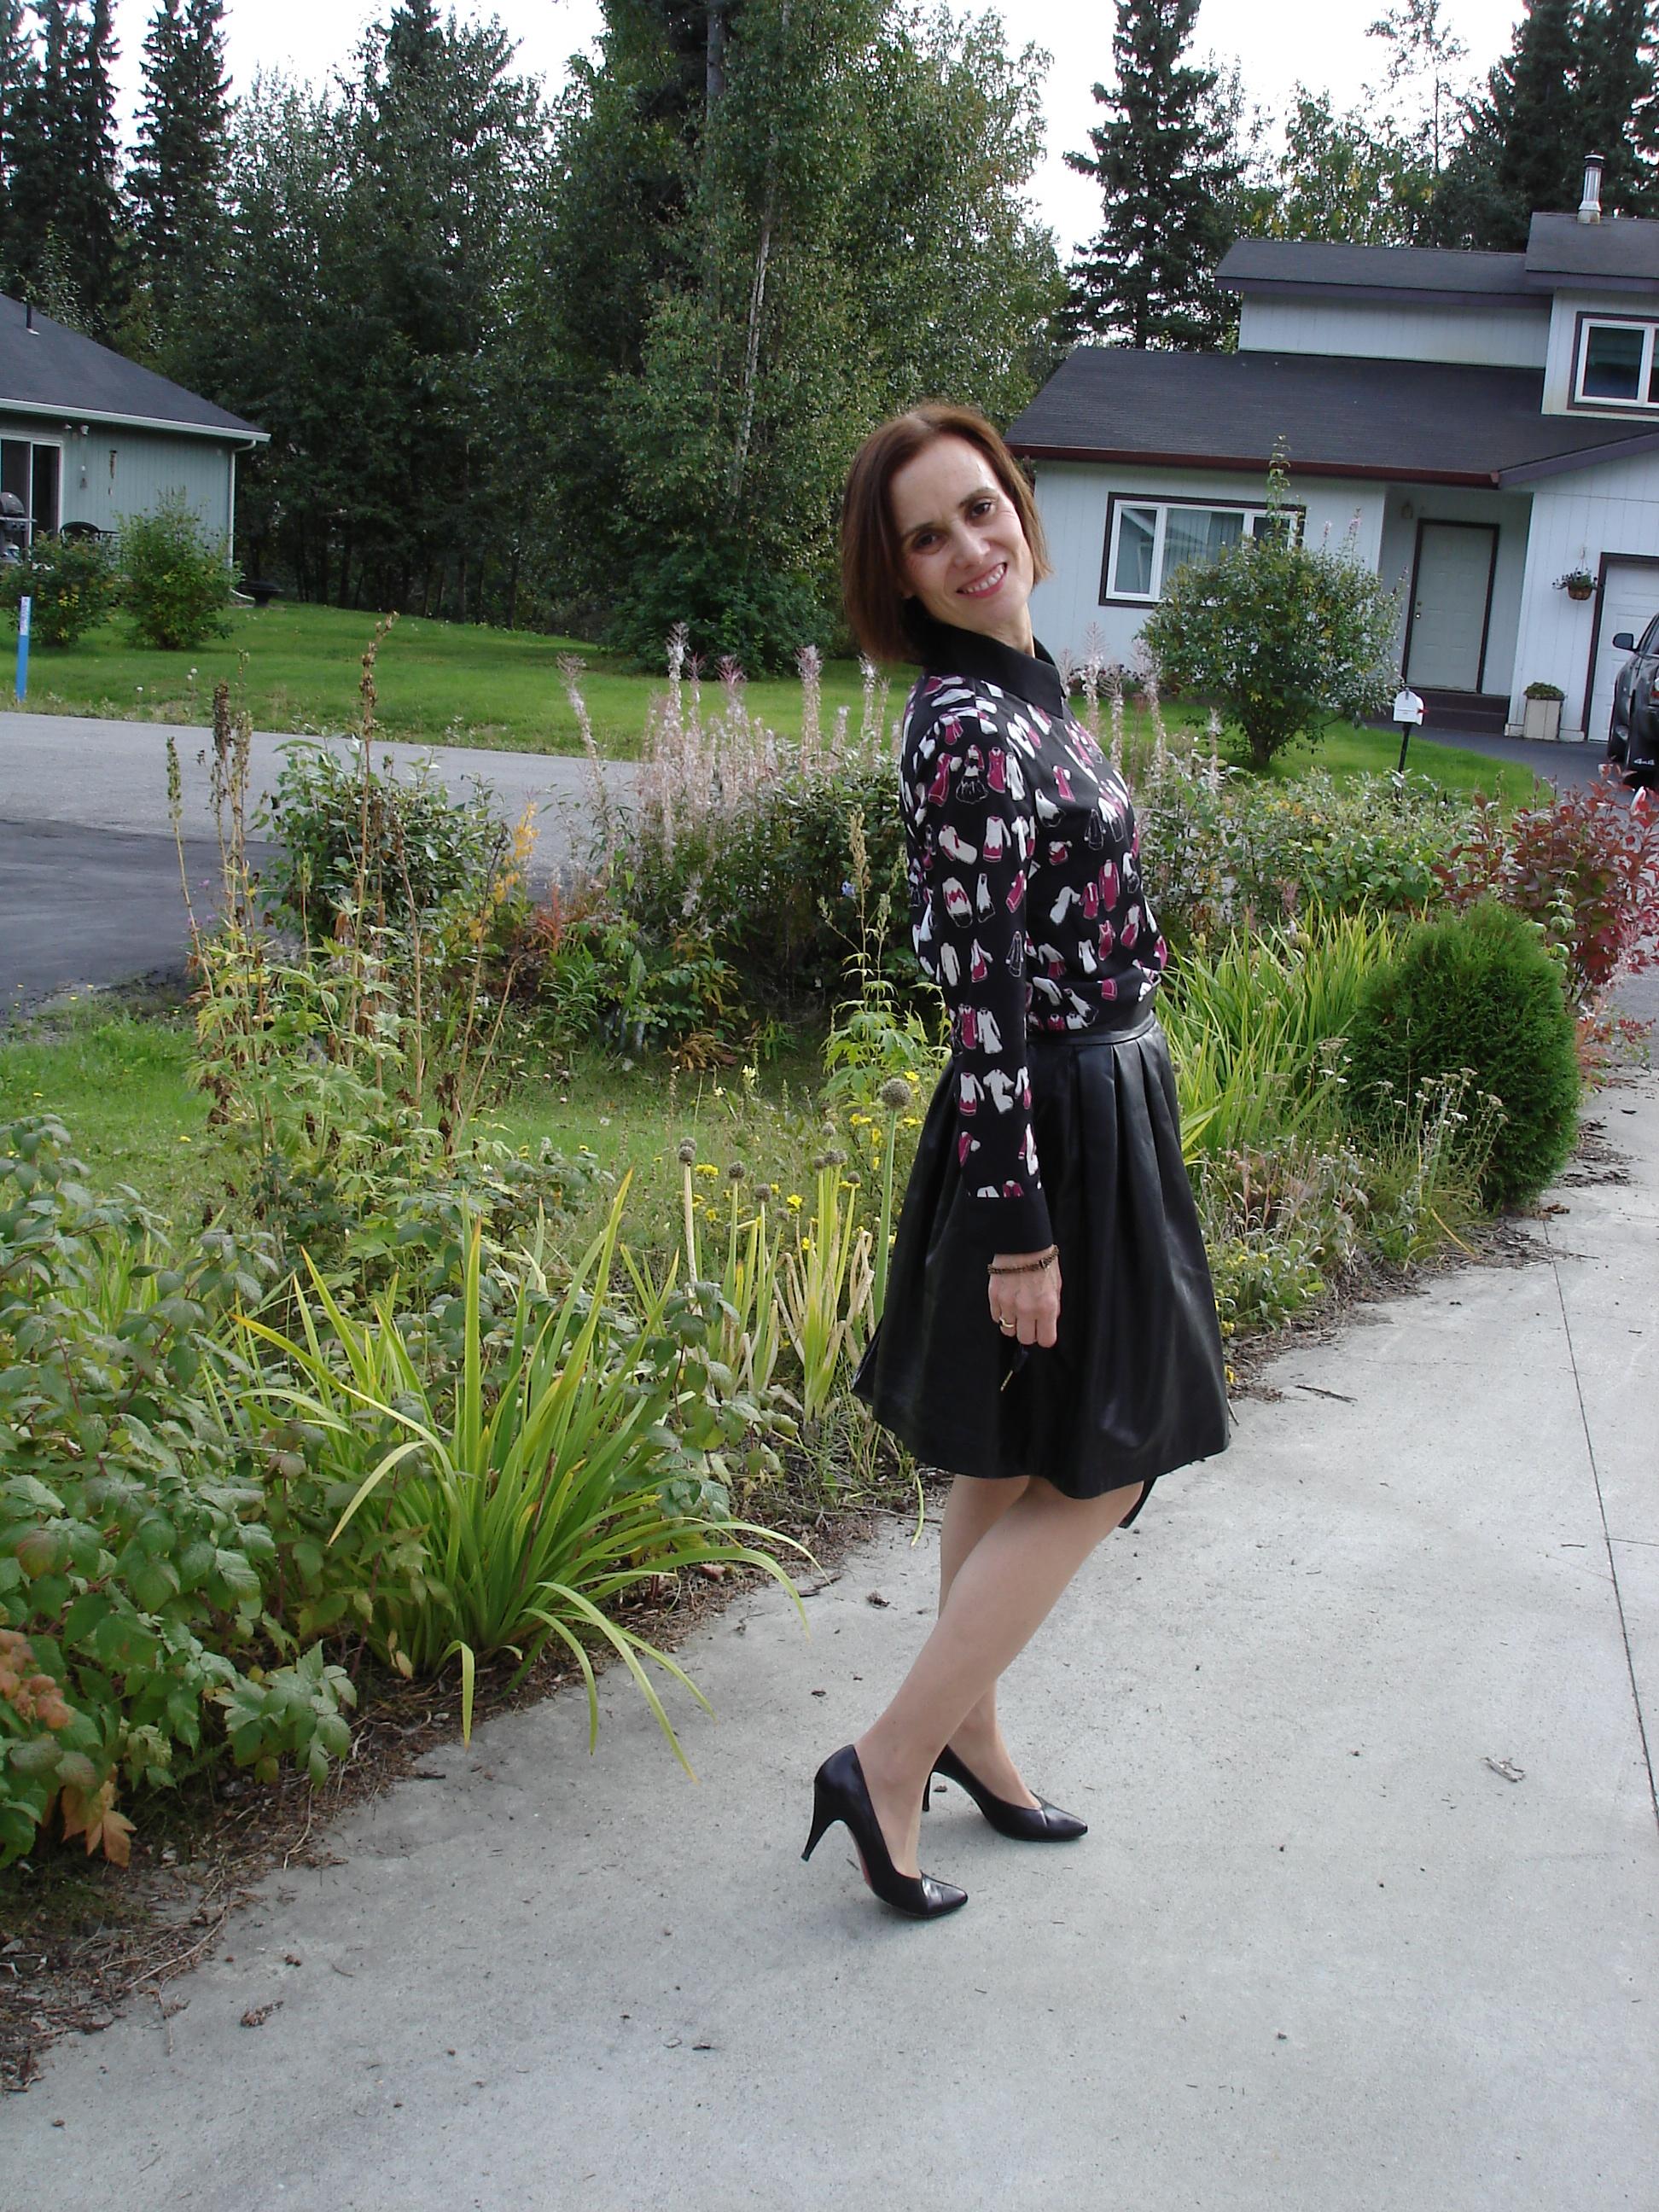 Mature under skirt